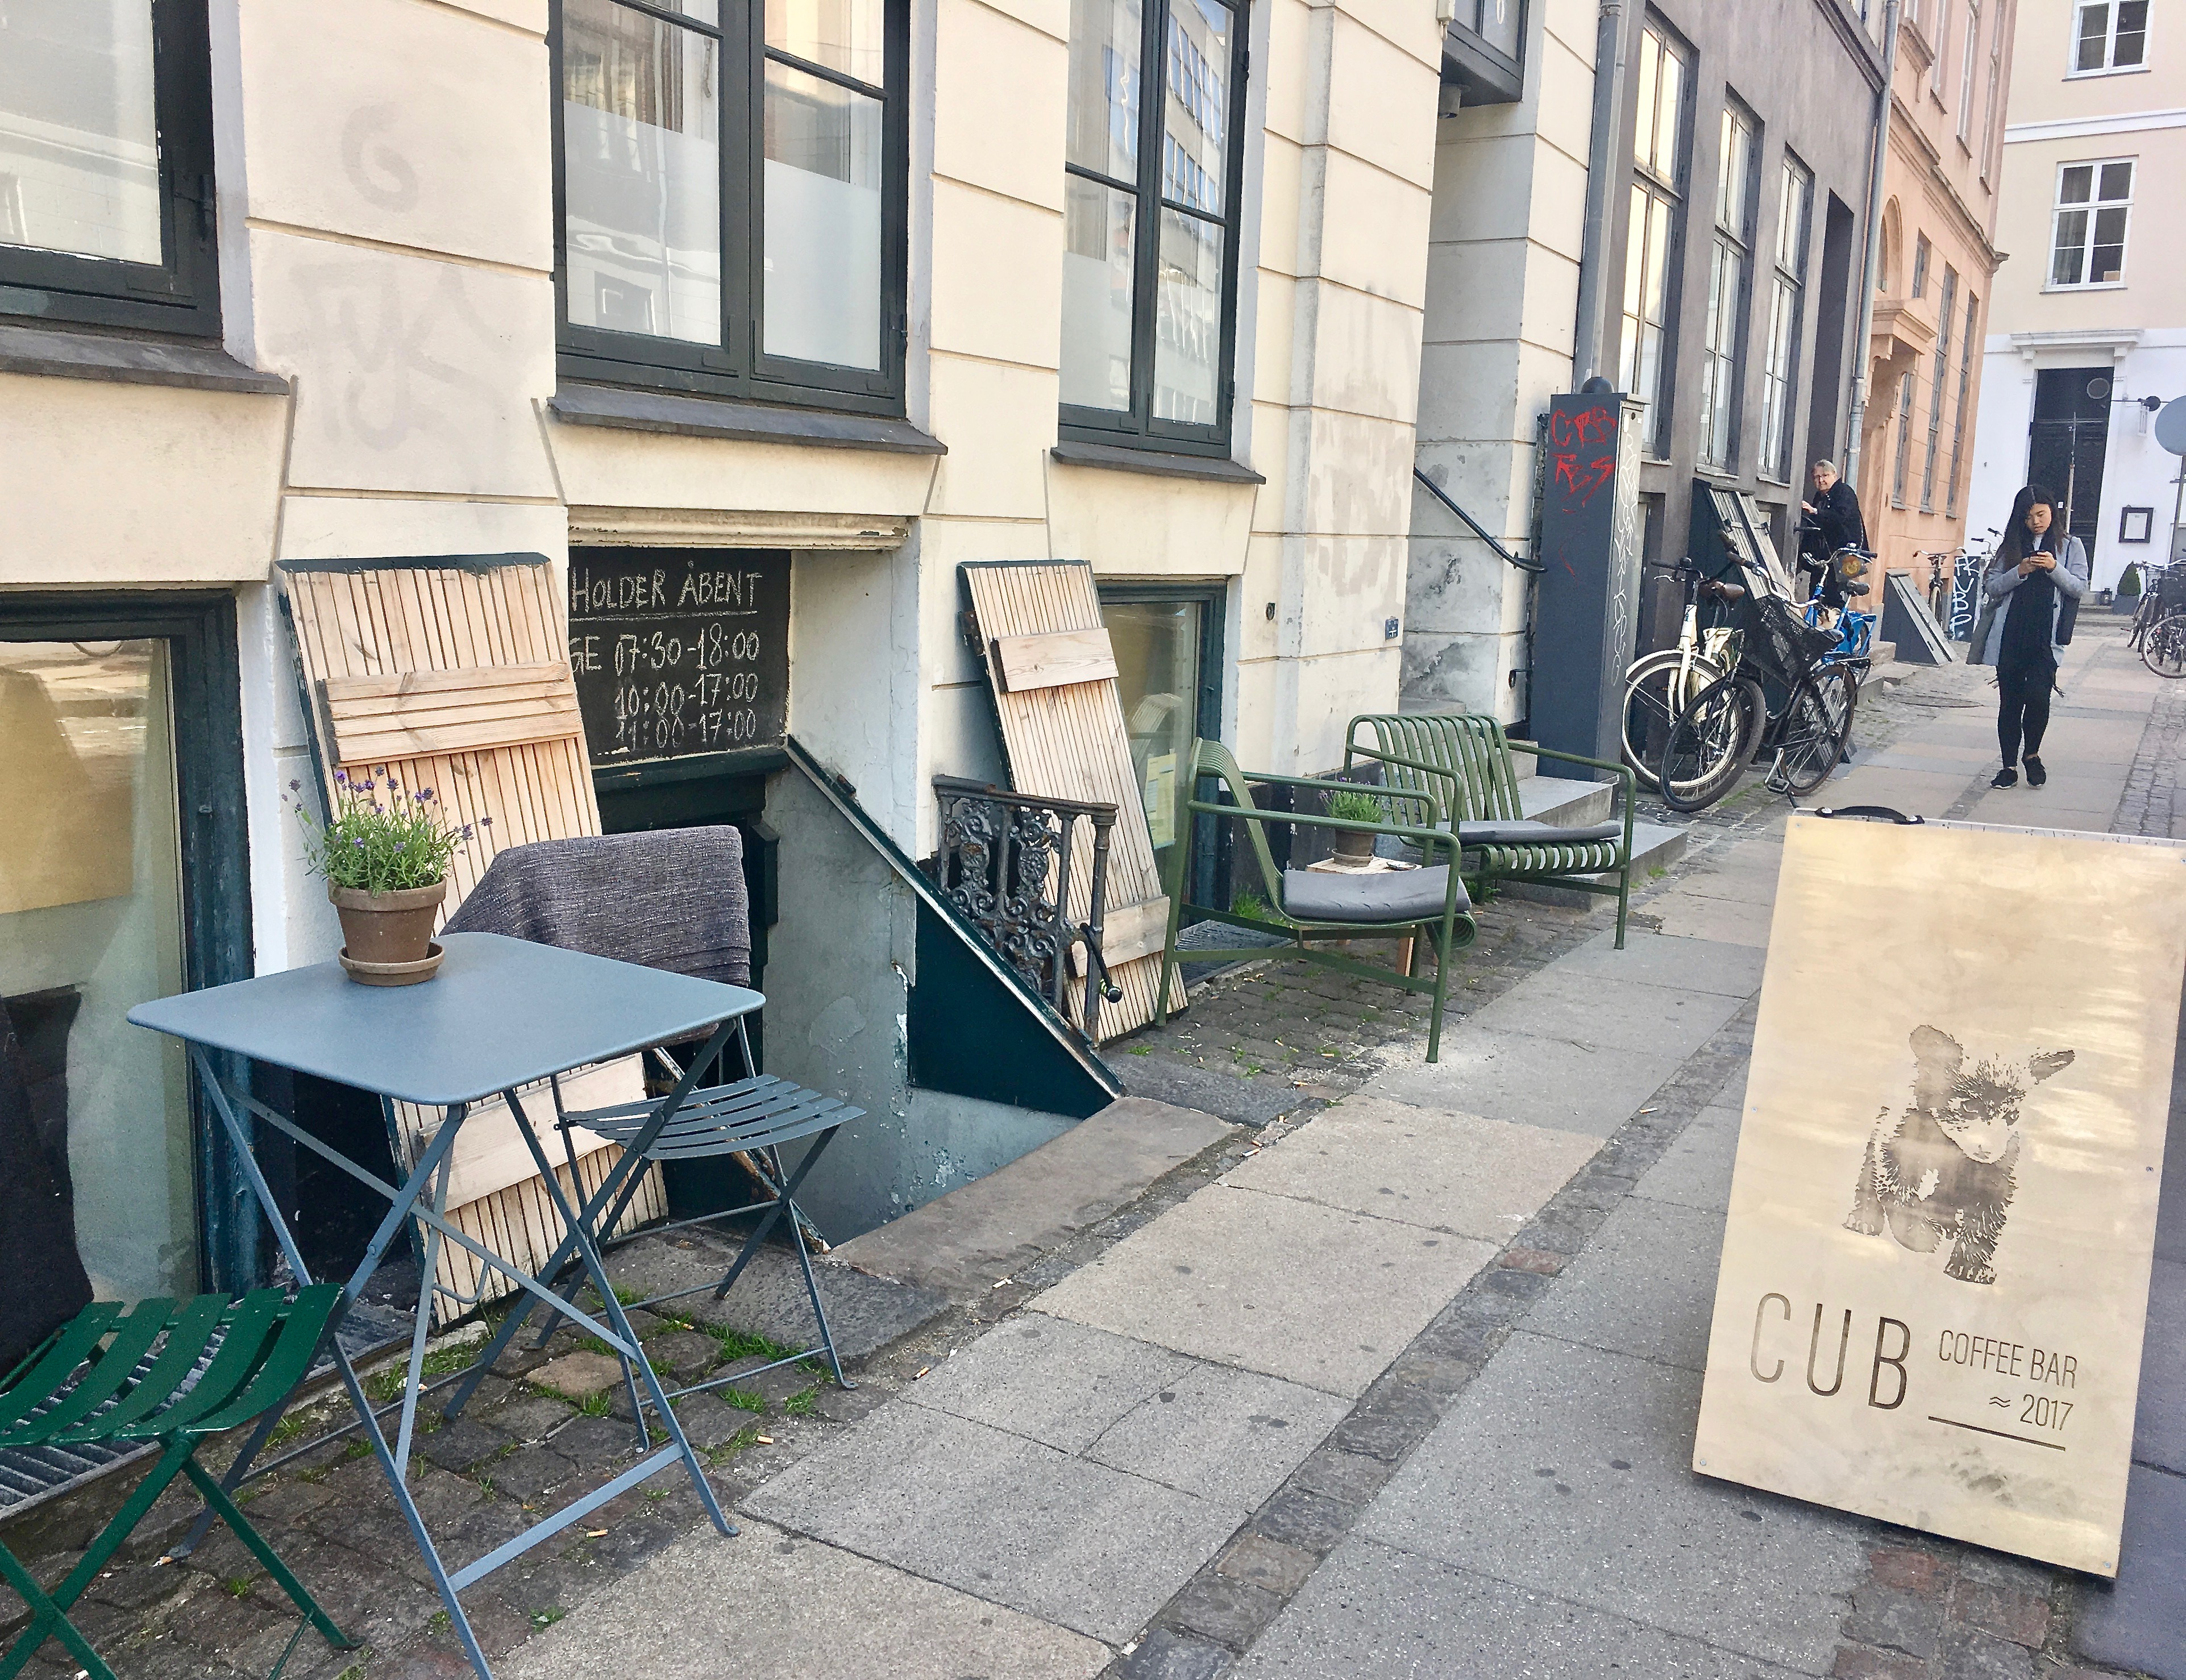 CUB Coffee Bar outside2